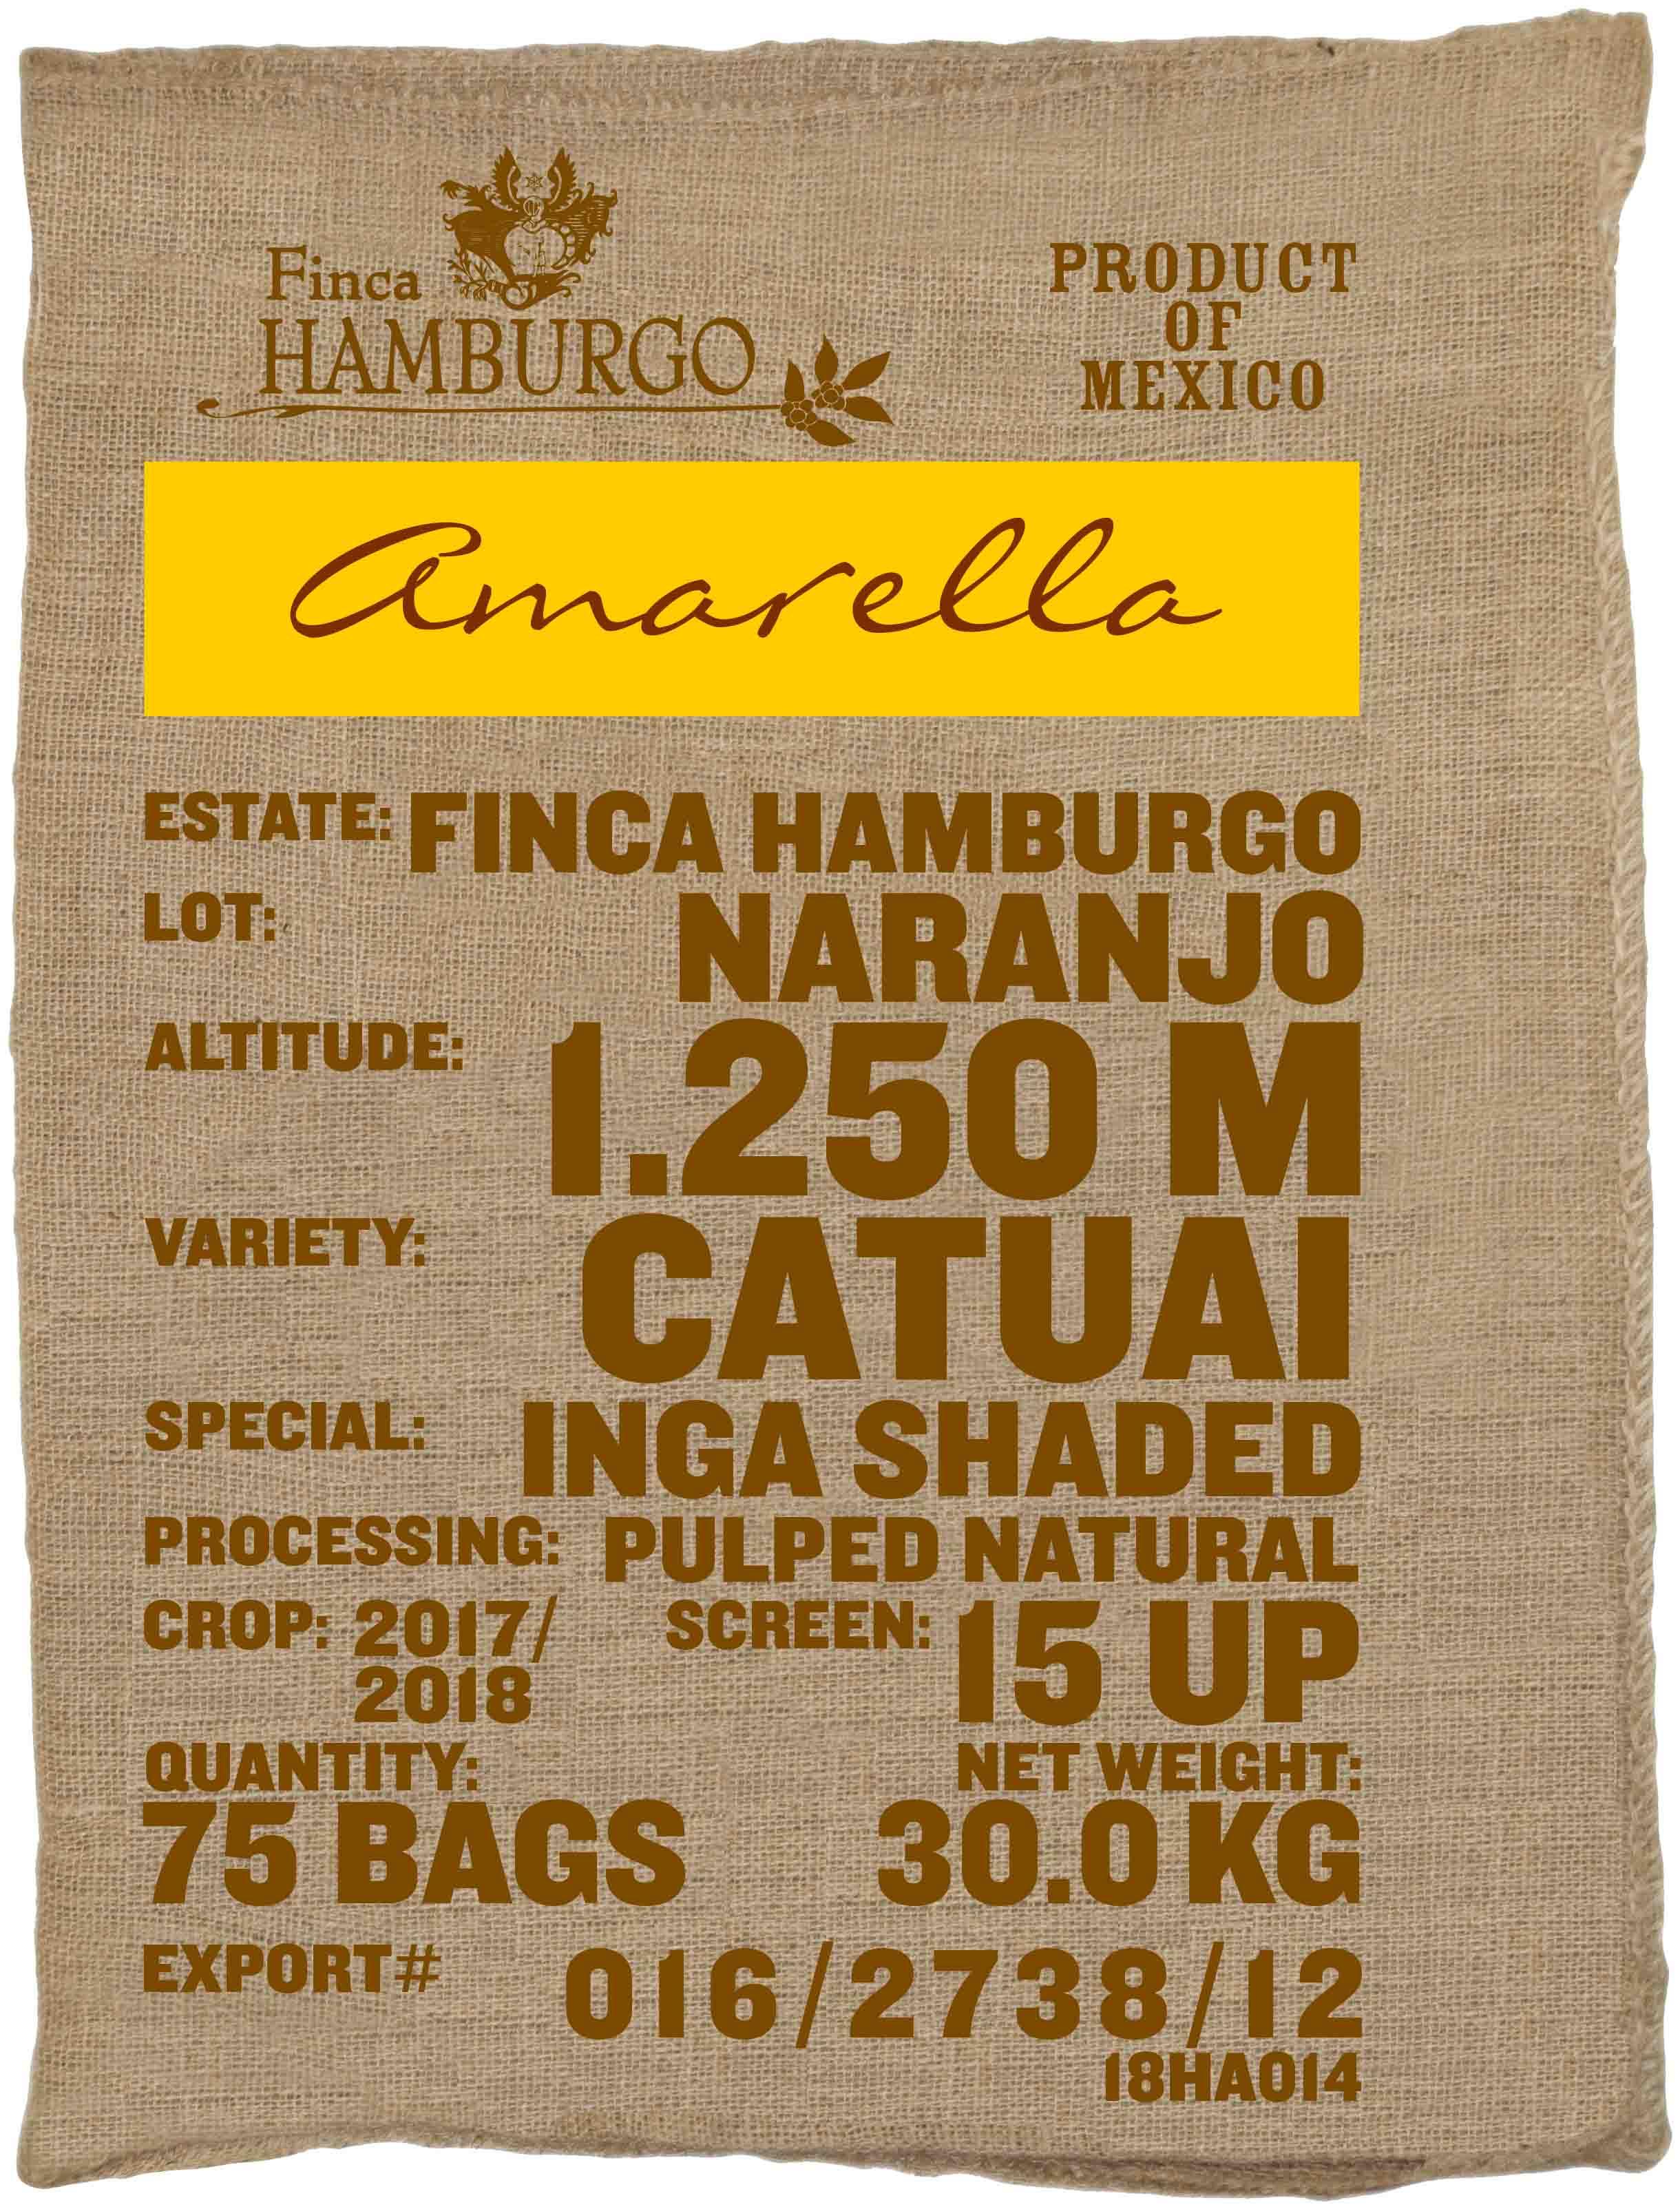 Ein Rohkaffeesack amarella Parzellenkaffee Varietät Catuai. Finca Hamburgo Lot Naranjo.